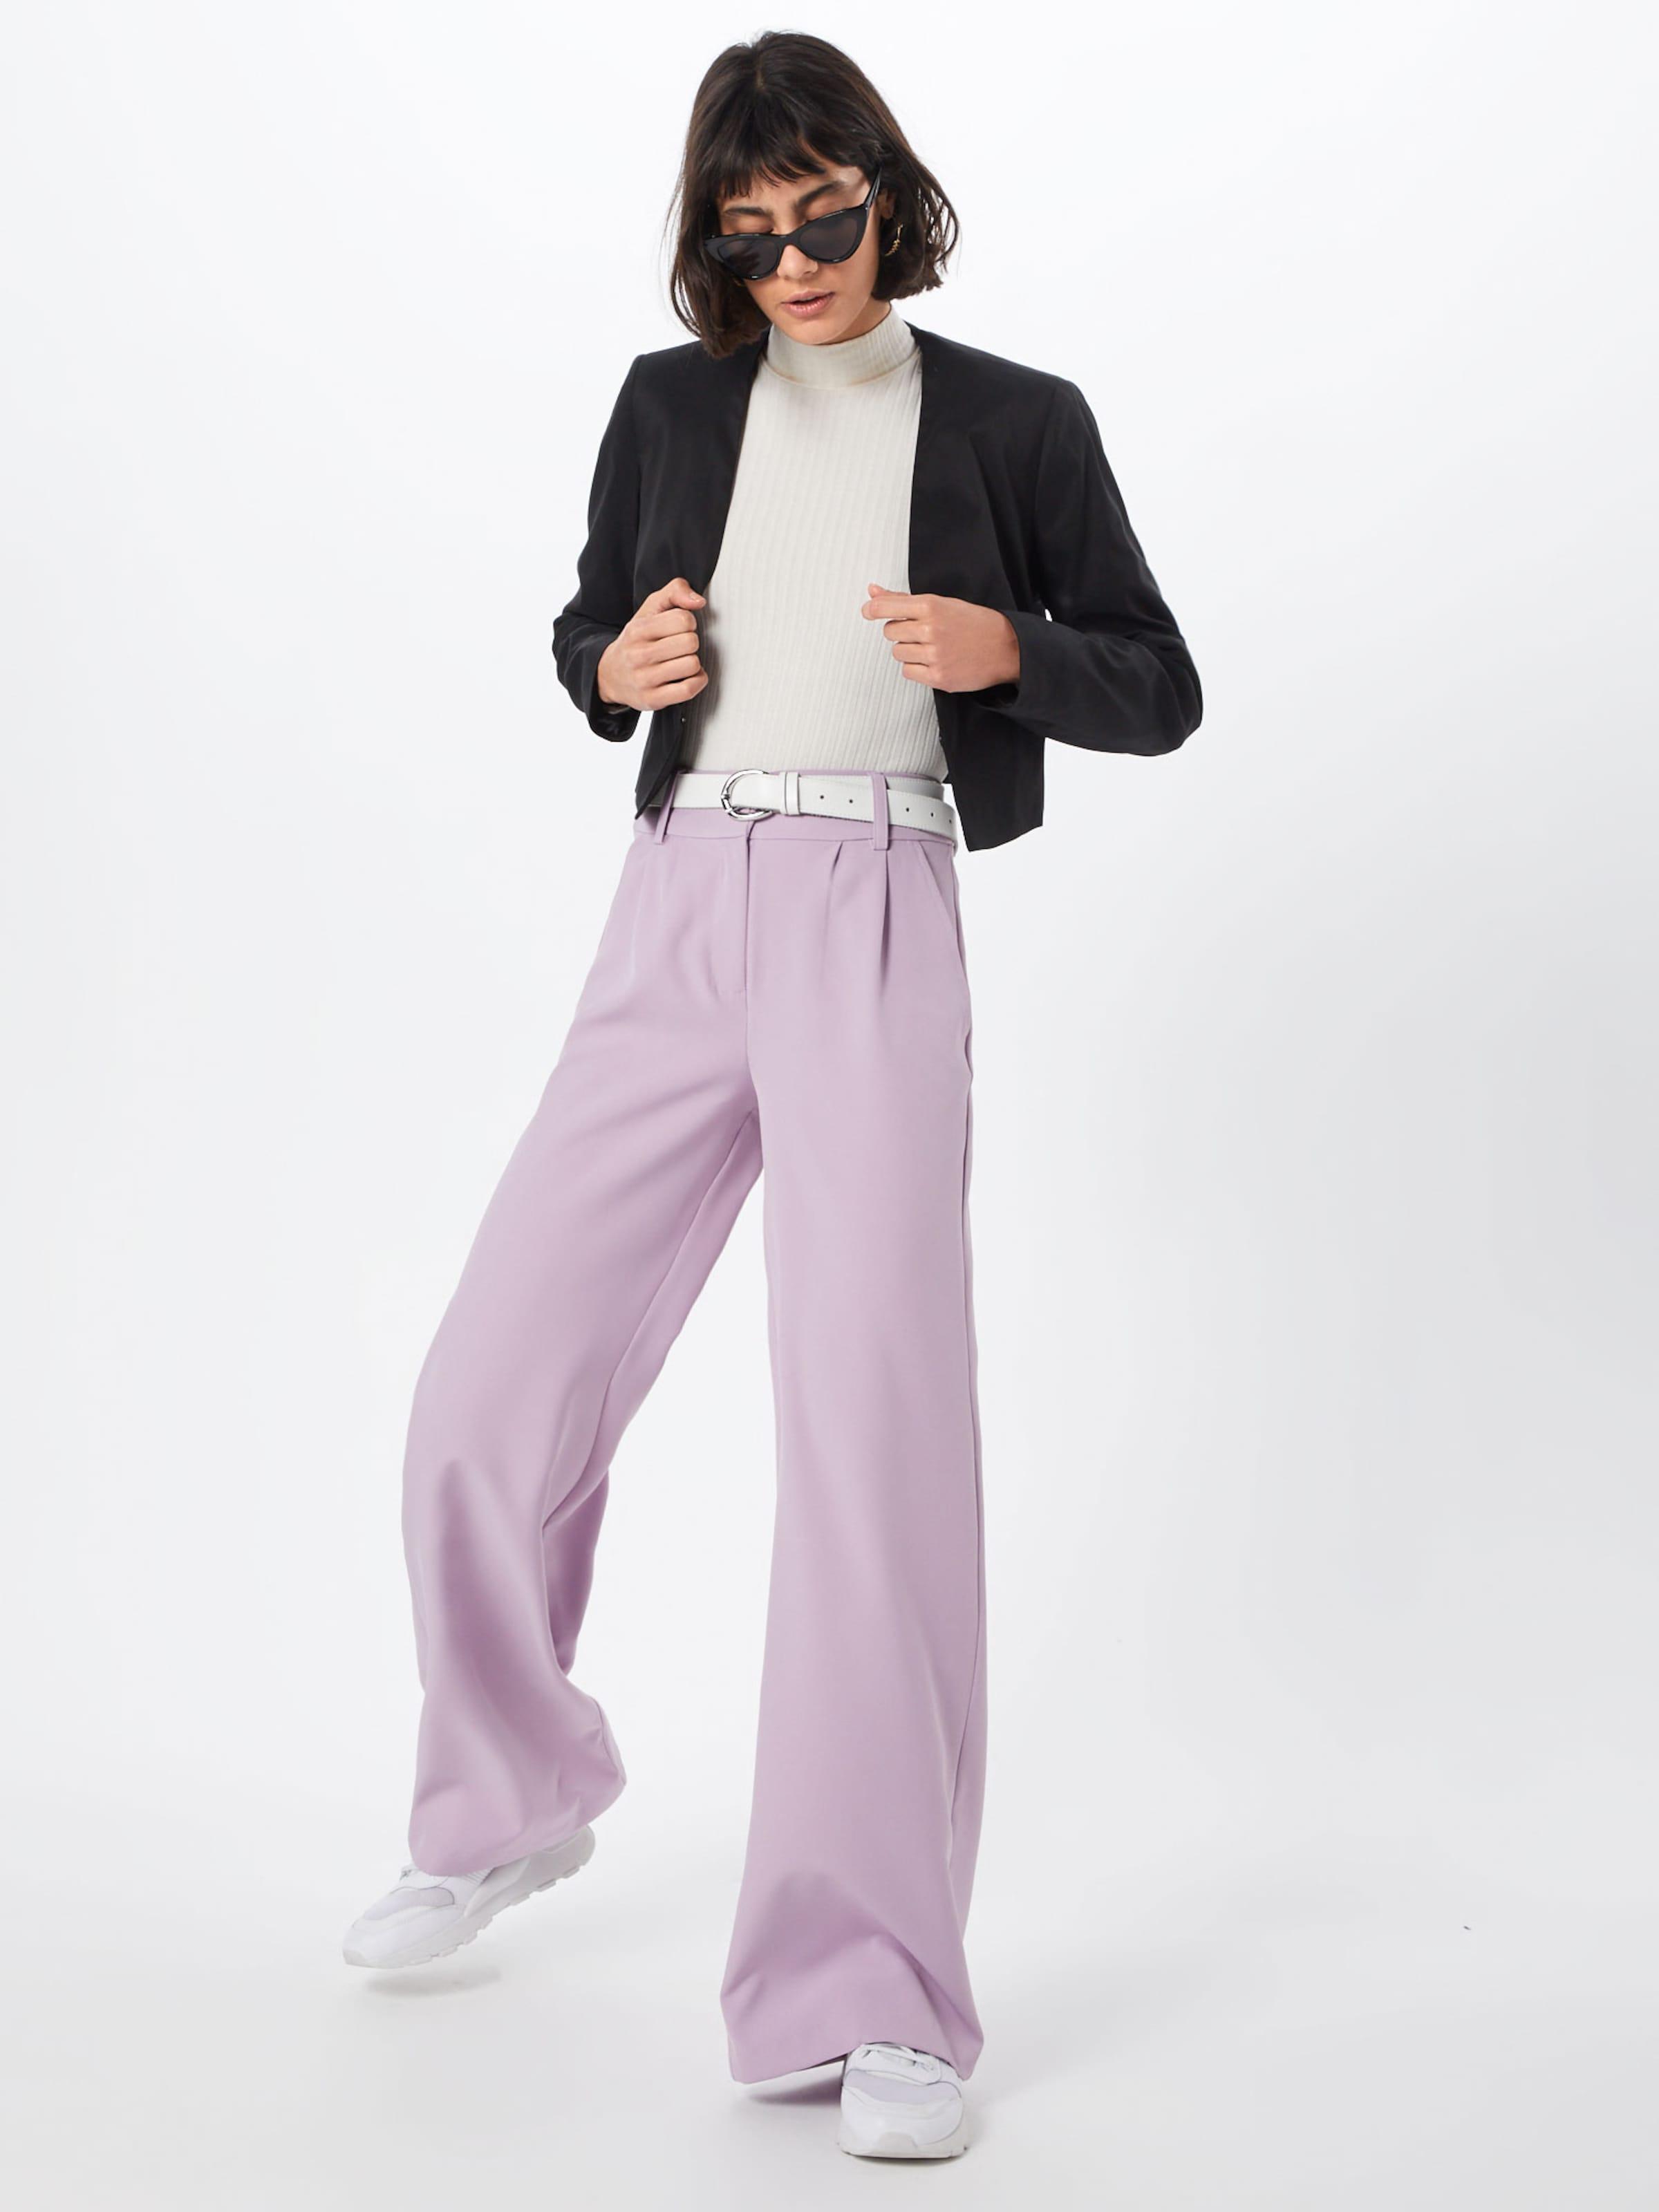 Blazer Esprit 'jkt Dress' En Over Collection Noir 0wOvmNn8